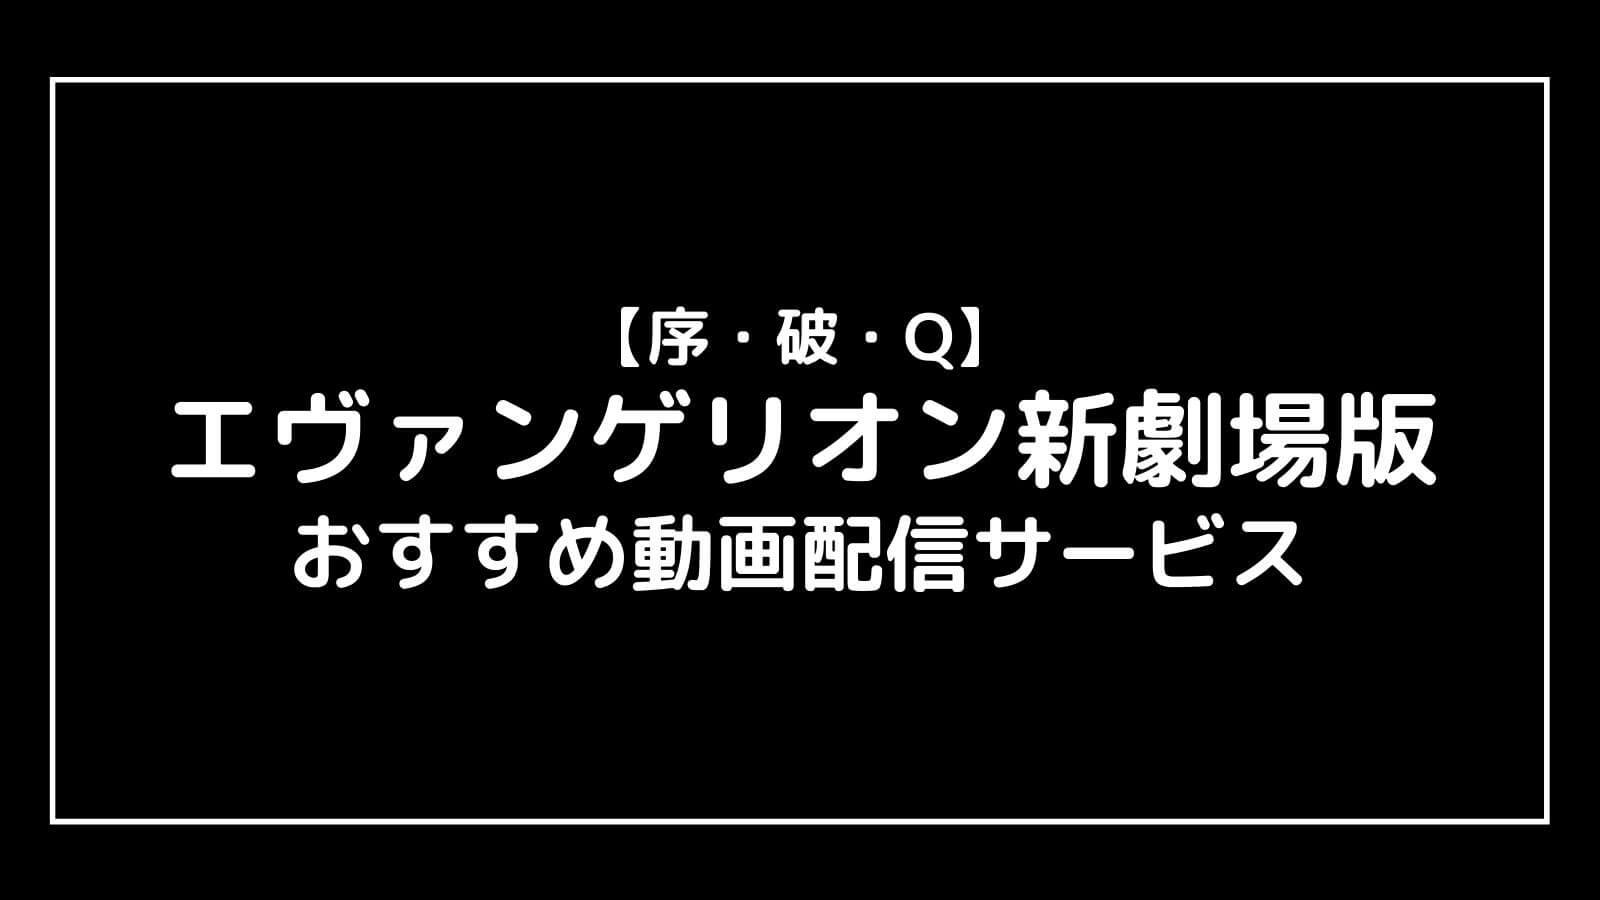 映画『エヴァンゲリヲン新劇場版 序・破・Q』無料動画!フル視聴できる動画配信サービスは?